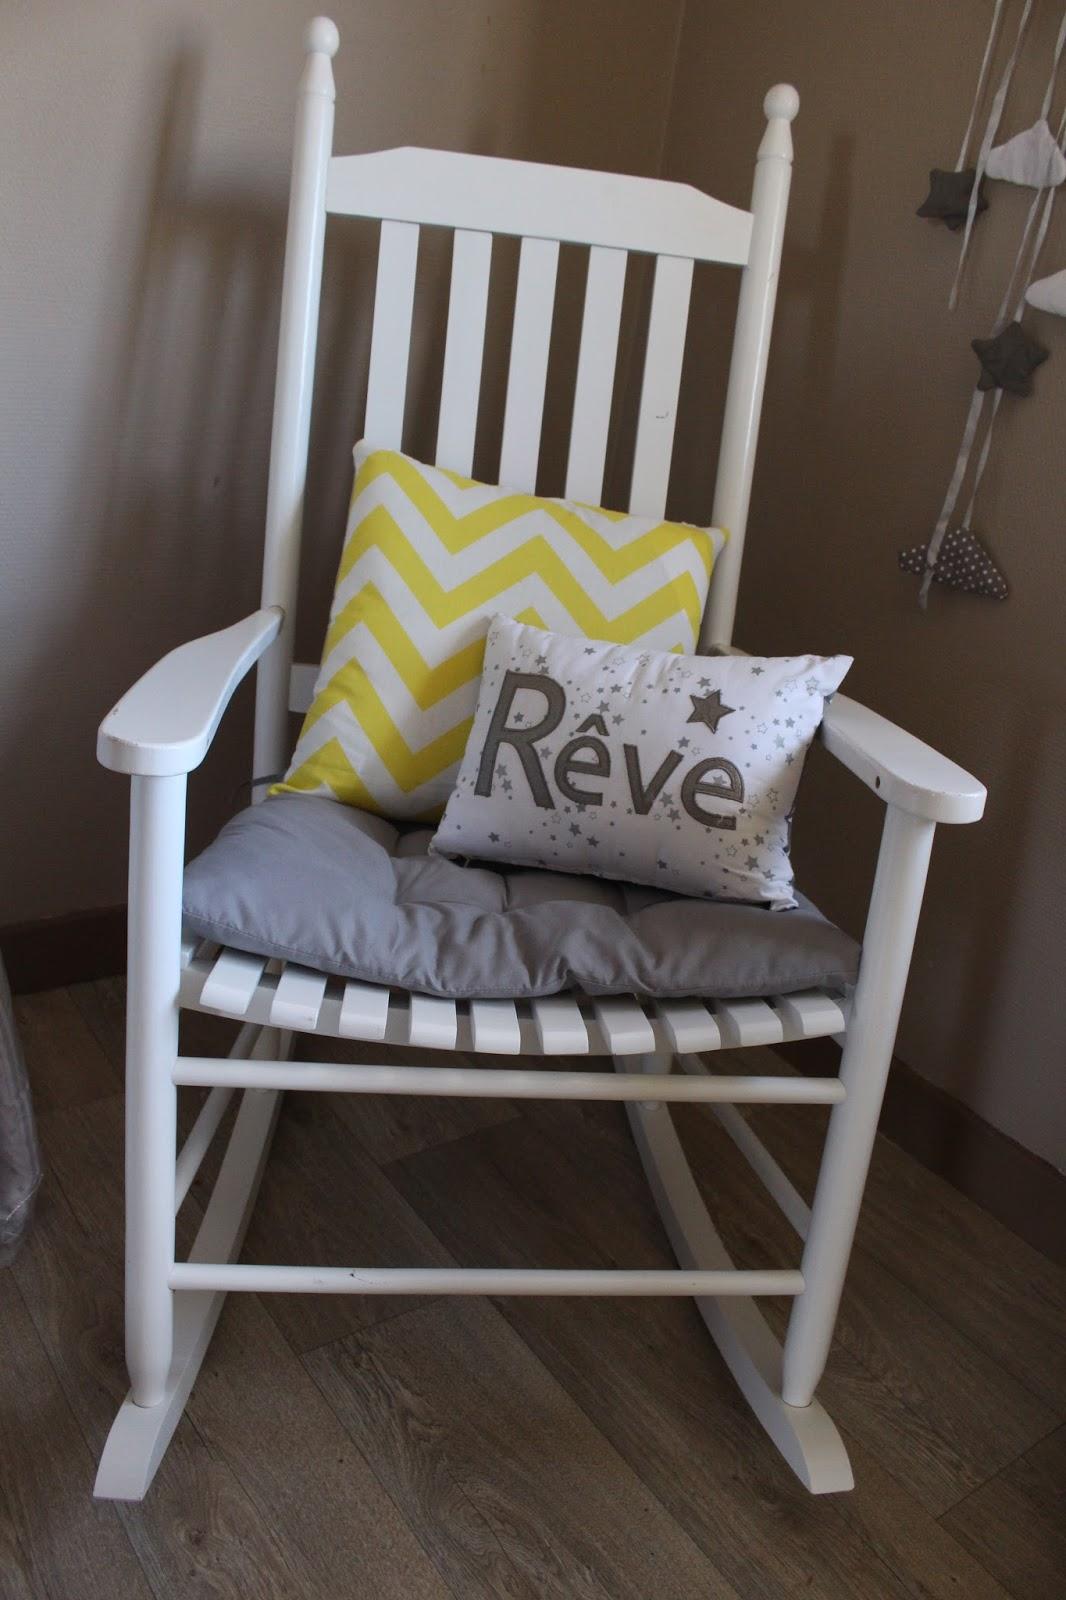 free housse coussin jauneblanc maisons du monde uac coussin de remplissage uac with maison du. Black Bedroom Furniture Sets. Home Design Ideas